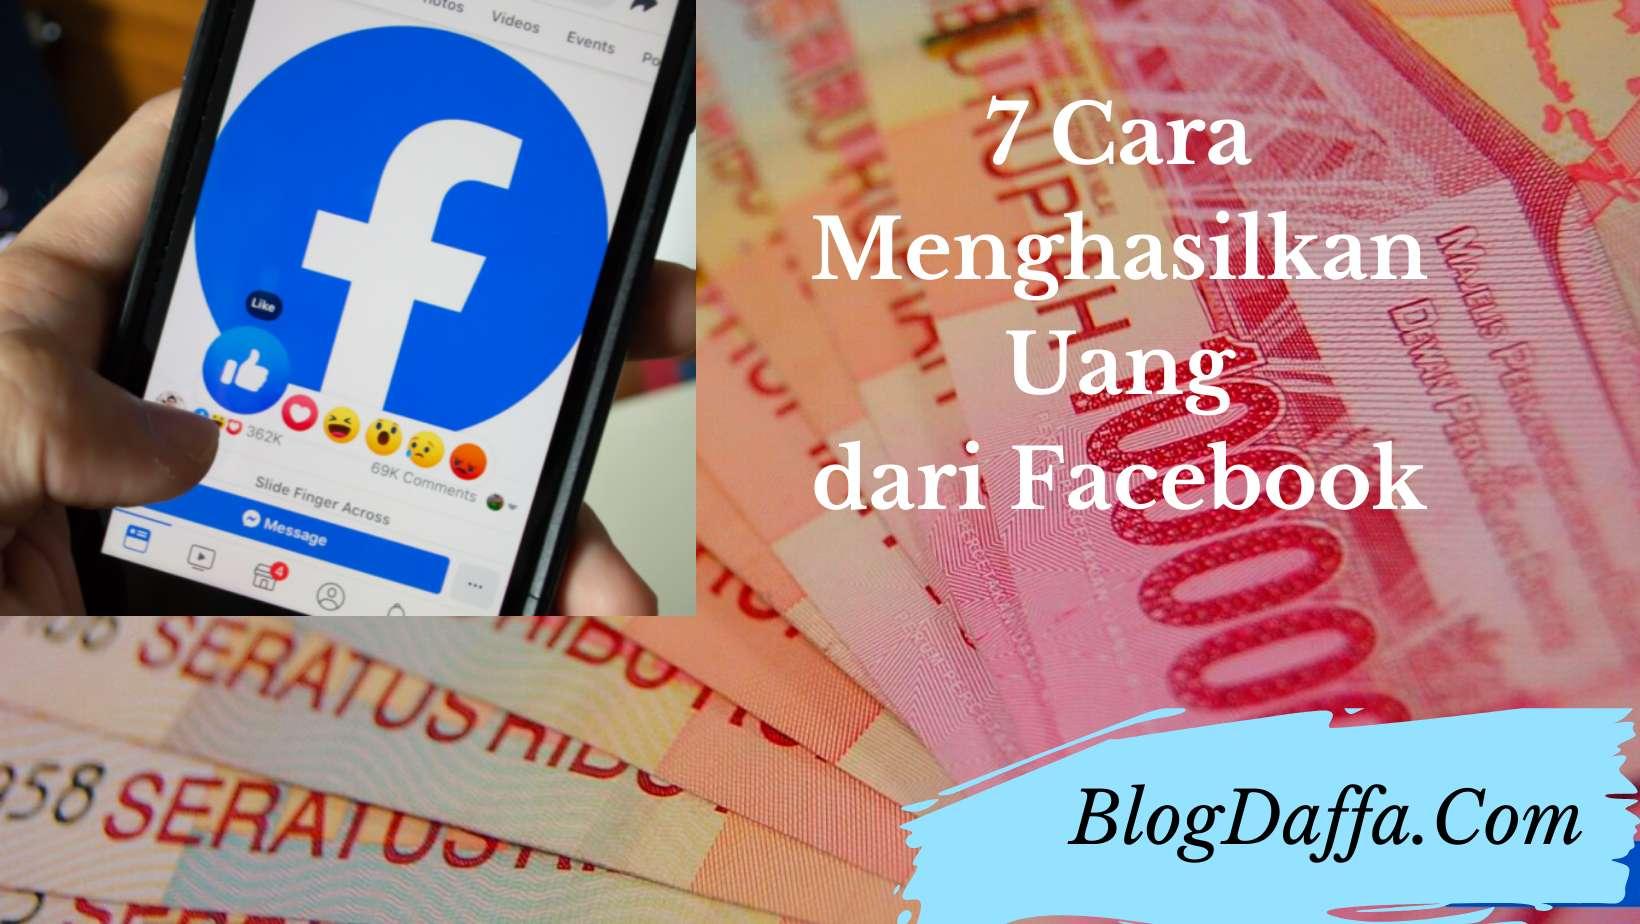 Cara menghasilkan uang dari Facebook